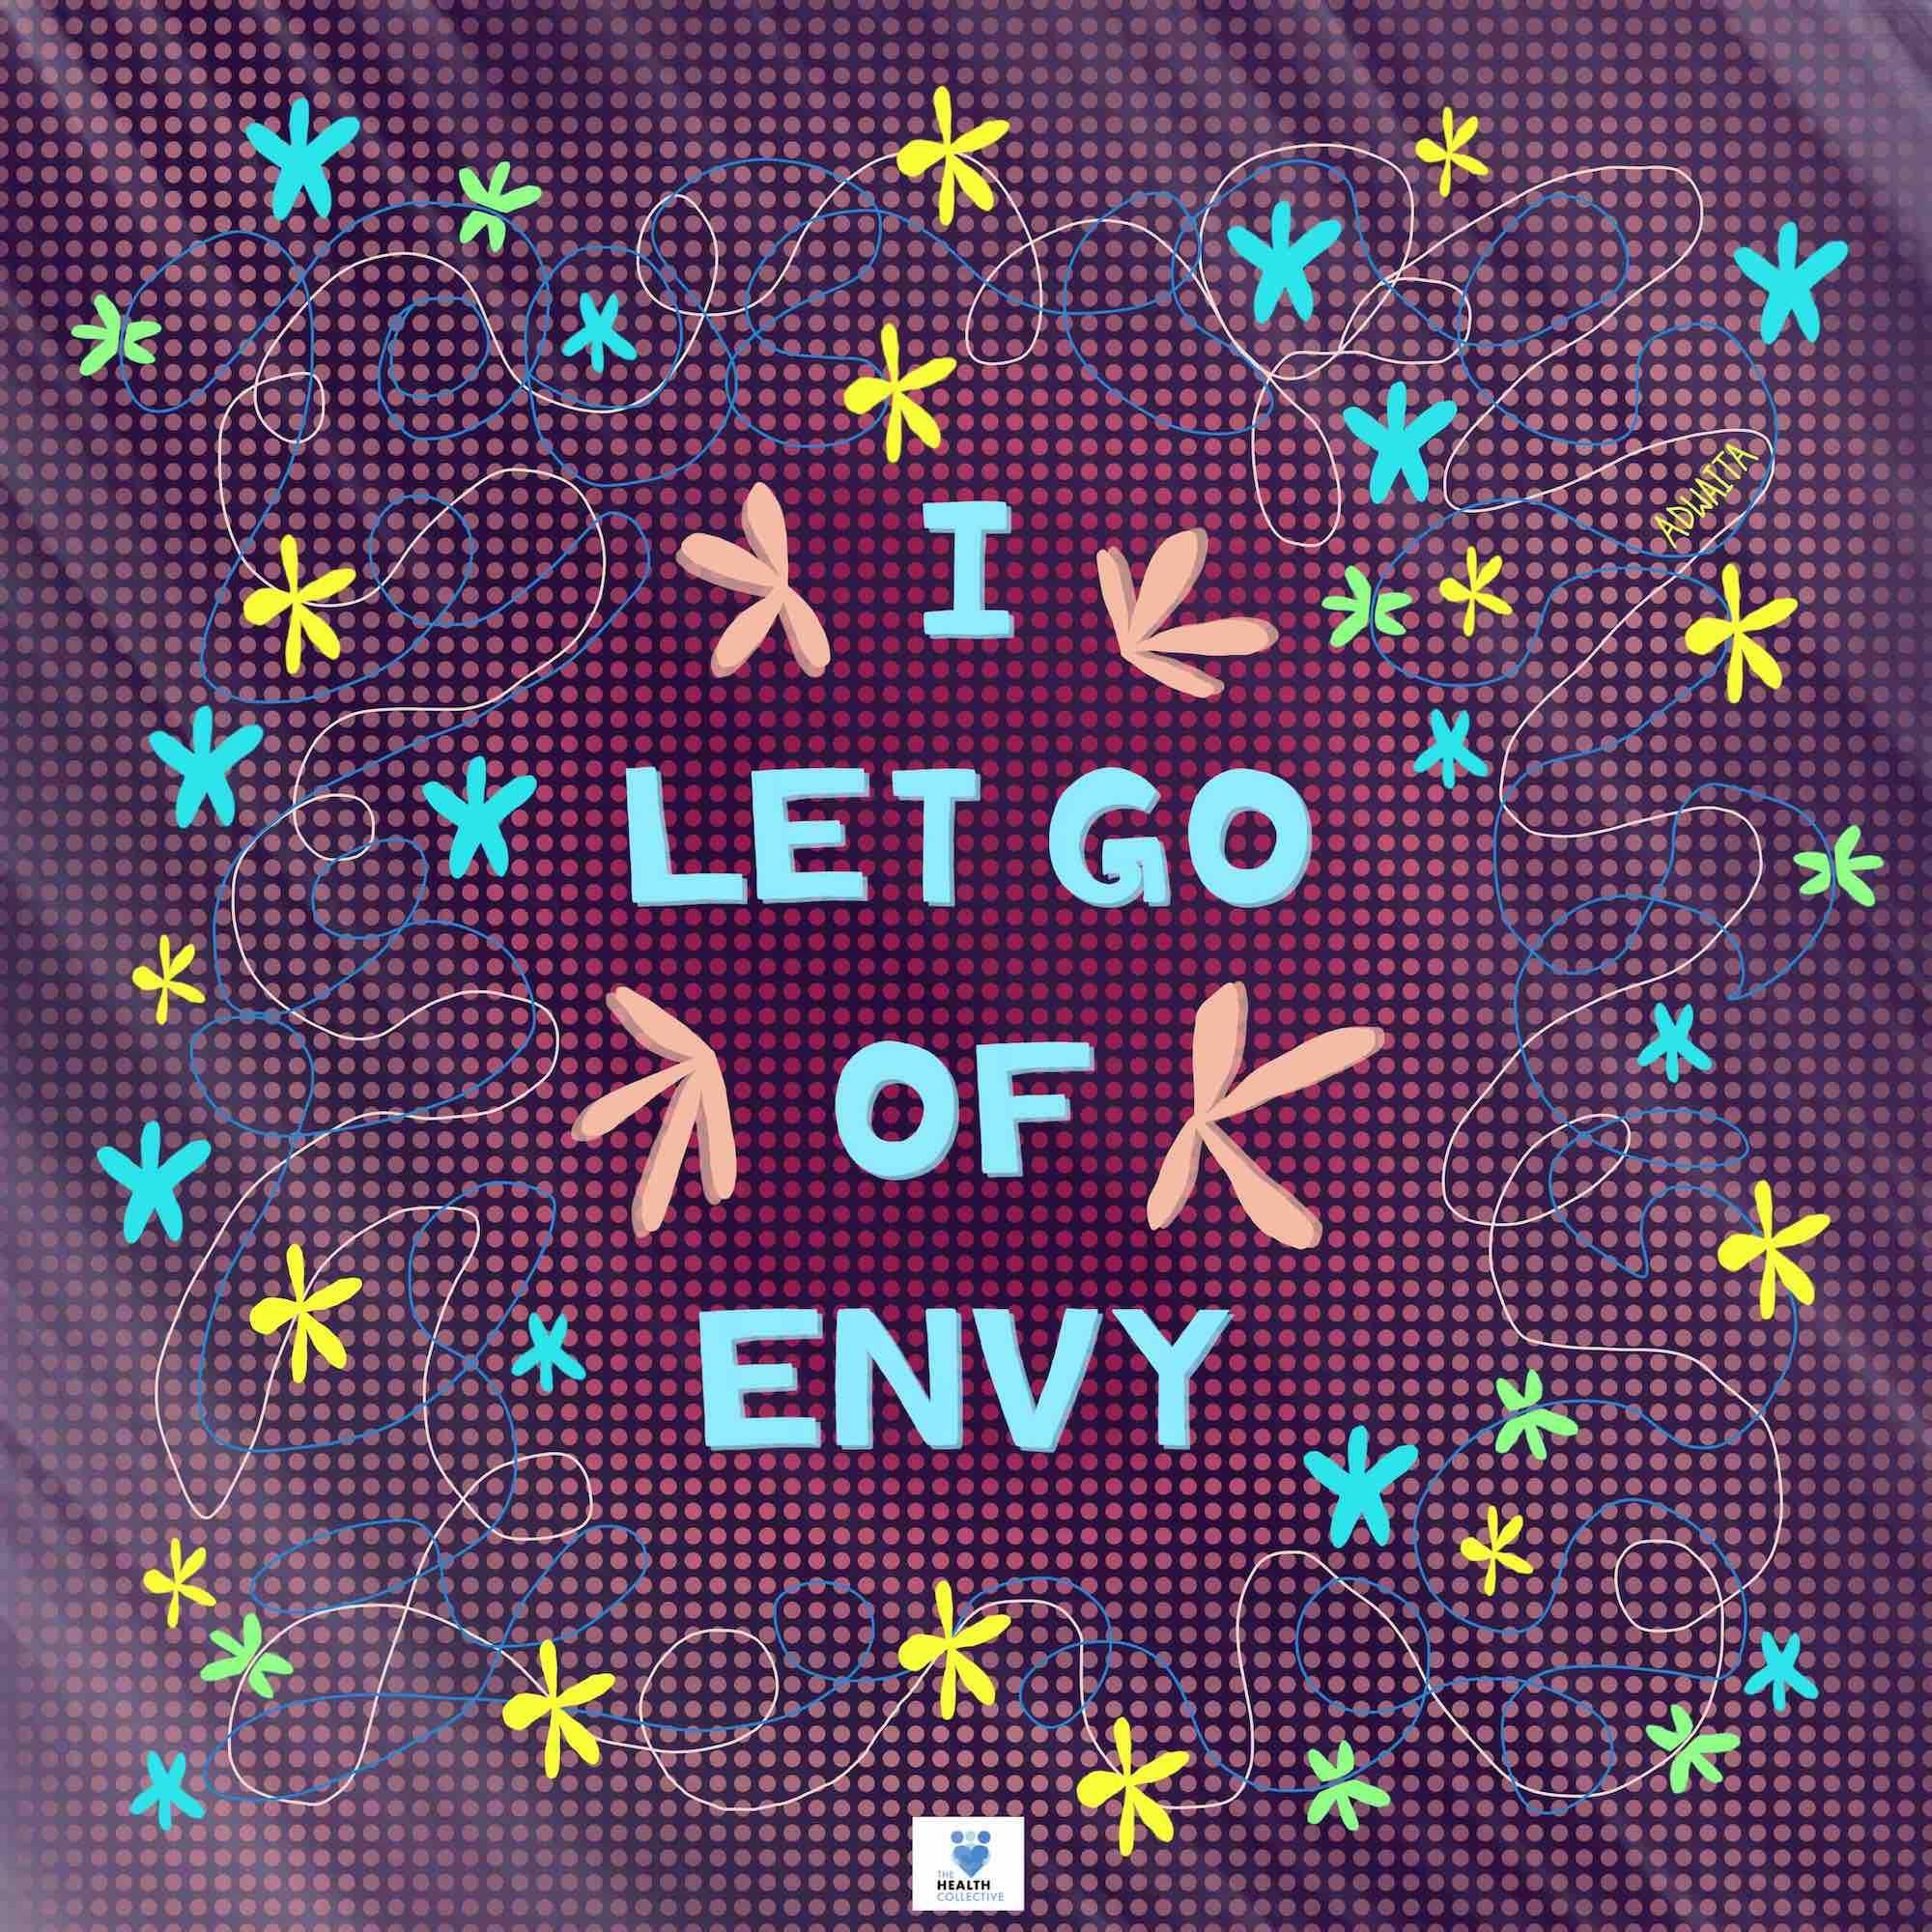 Affirmations: Let go of Envy